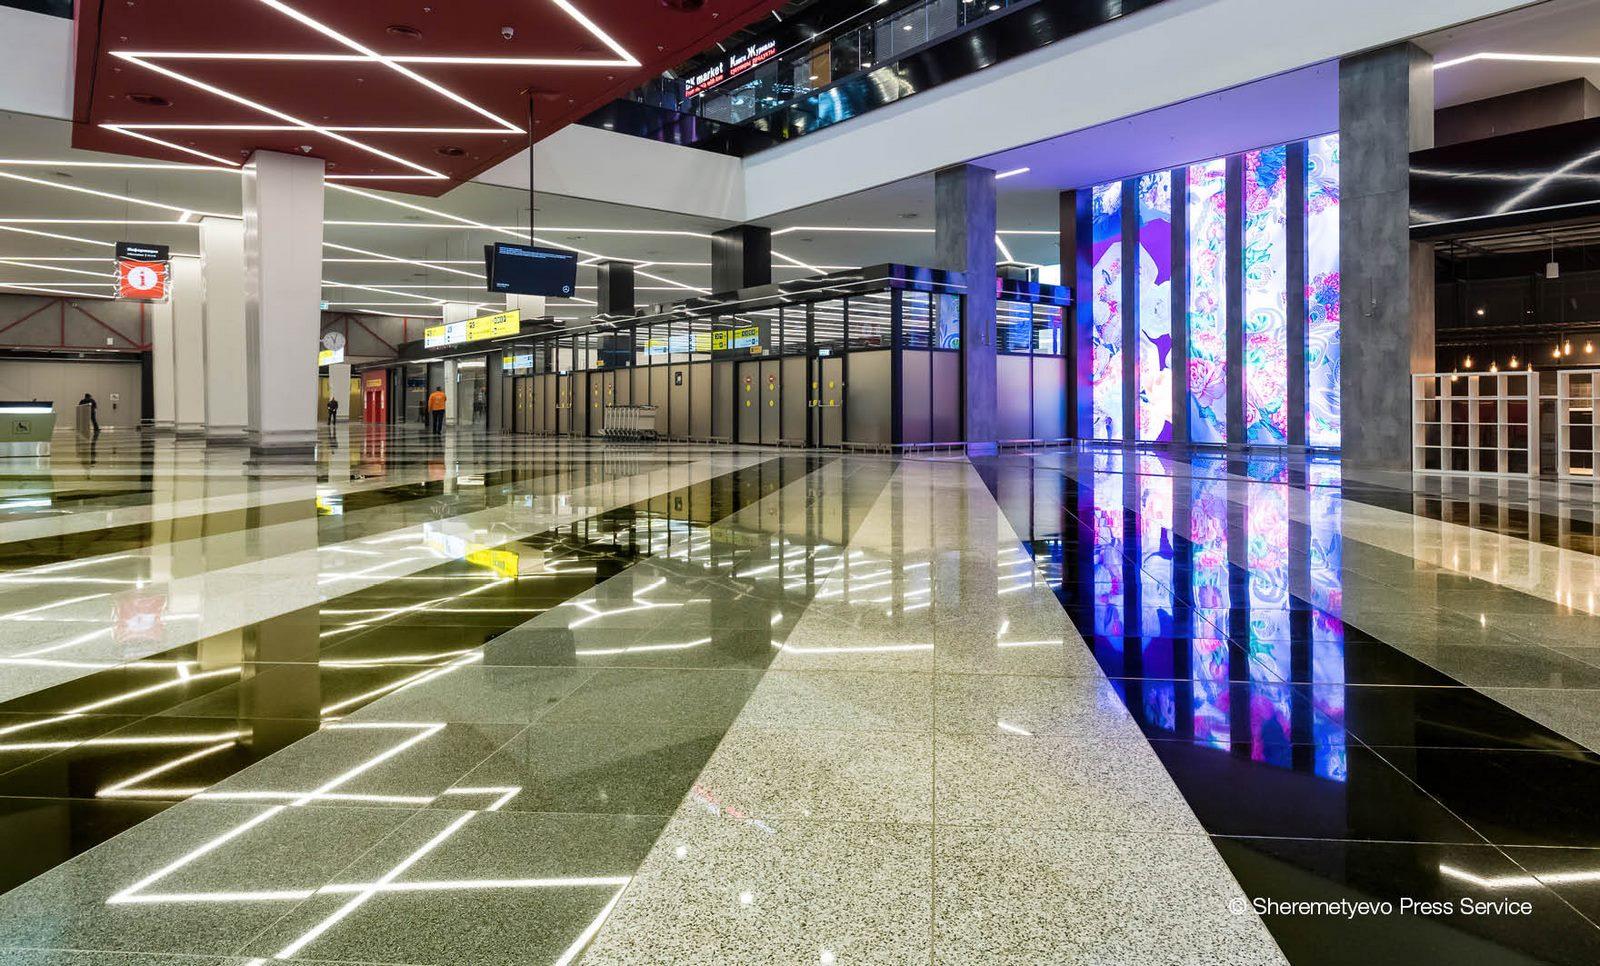 La historia y cultura rusa reflejada en el Aeropuerto de Moscú 16